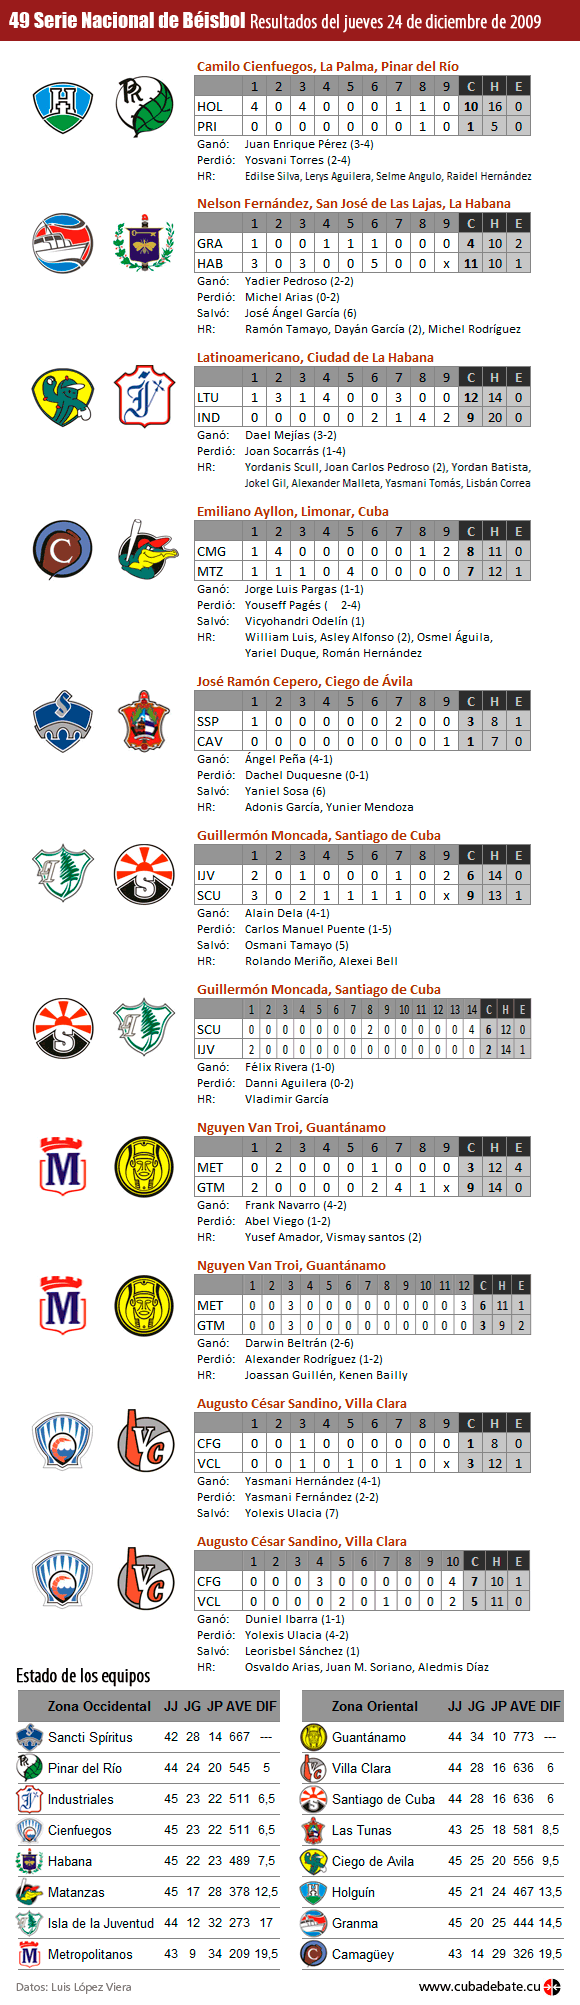 Infografía: Resultados del jueves 24 de diciembre de 2009, Serie Nacional de Béisbol, Cuba